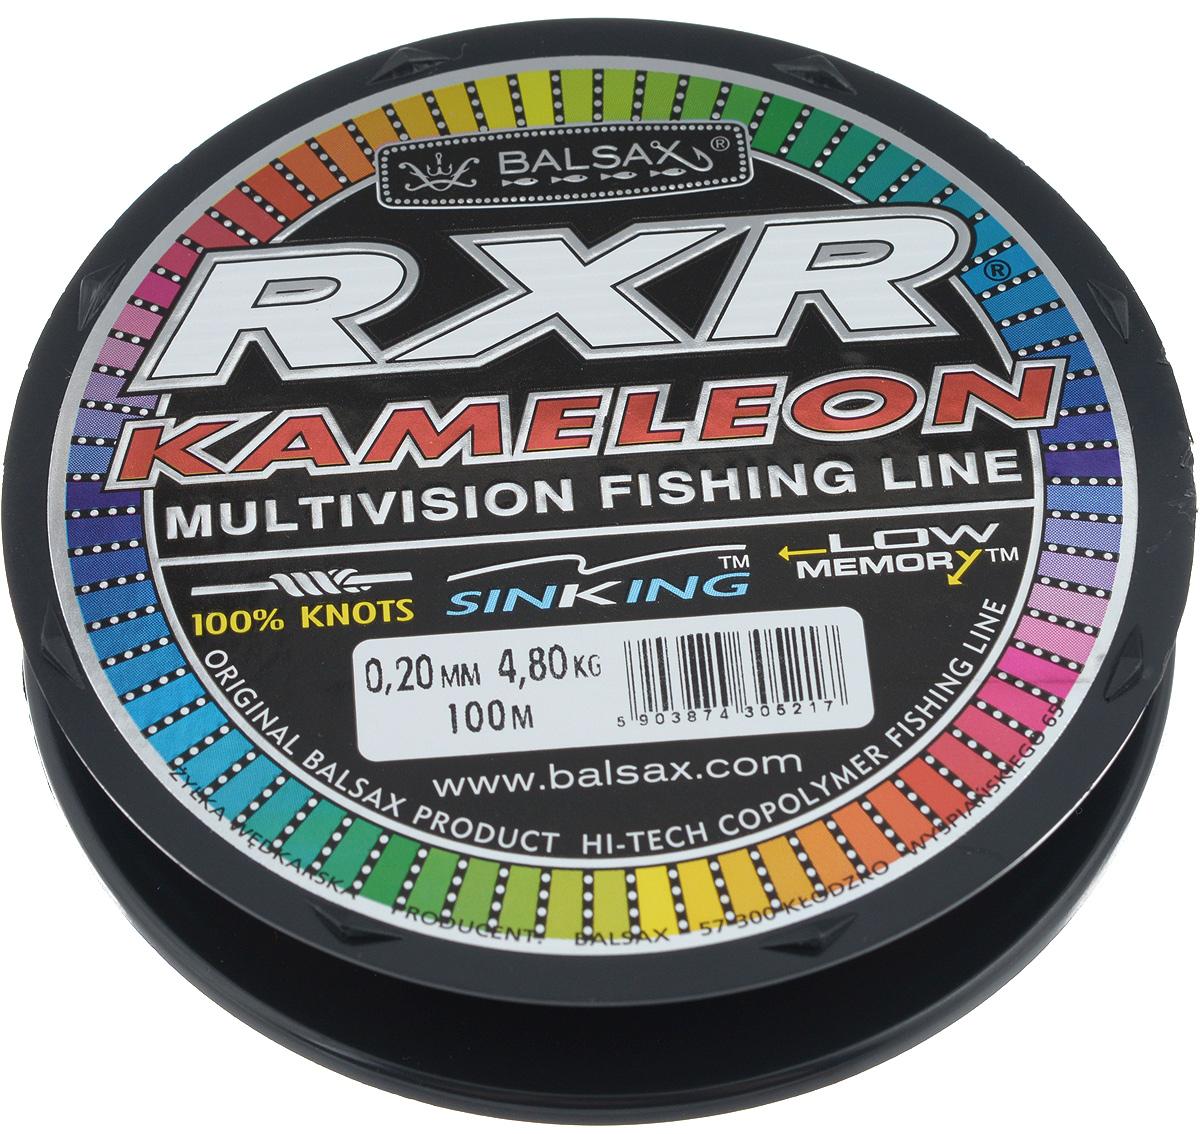 Леска Balsax RXR Kameleon, 100 м, 0,20 мм, 4,8 кг304-07020Леска последнего поколения Balsax RXR Kameleon выполнена из 100% нейлона и не боится истирания. Благодаря особым условиям производства, она способна изменять цвет, приспосабливаясь к внешним условиям. Тесты показали, что такая леска отличается высокой прочностью при растяжении и прочностью в местах вязки узлов. Она не меняет форму и не скручивается. Леска Balsax RXR Kameleon позволяет надежнее засечь рыбу и дает возможность чувствовать каждое движение приманки.